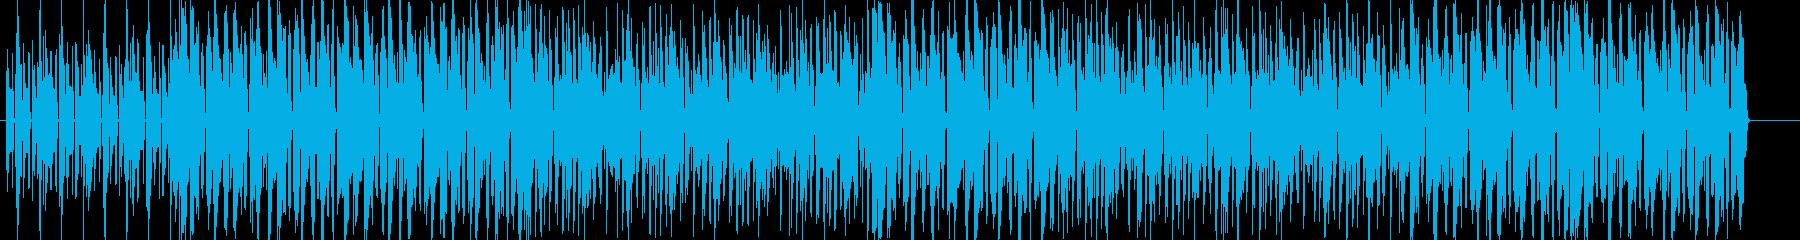 無機質・淡々で怪しげなエレクトロニカの再生済みの波形